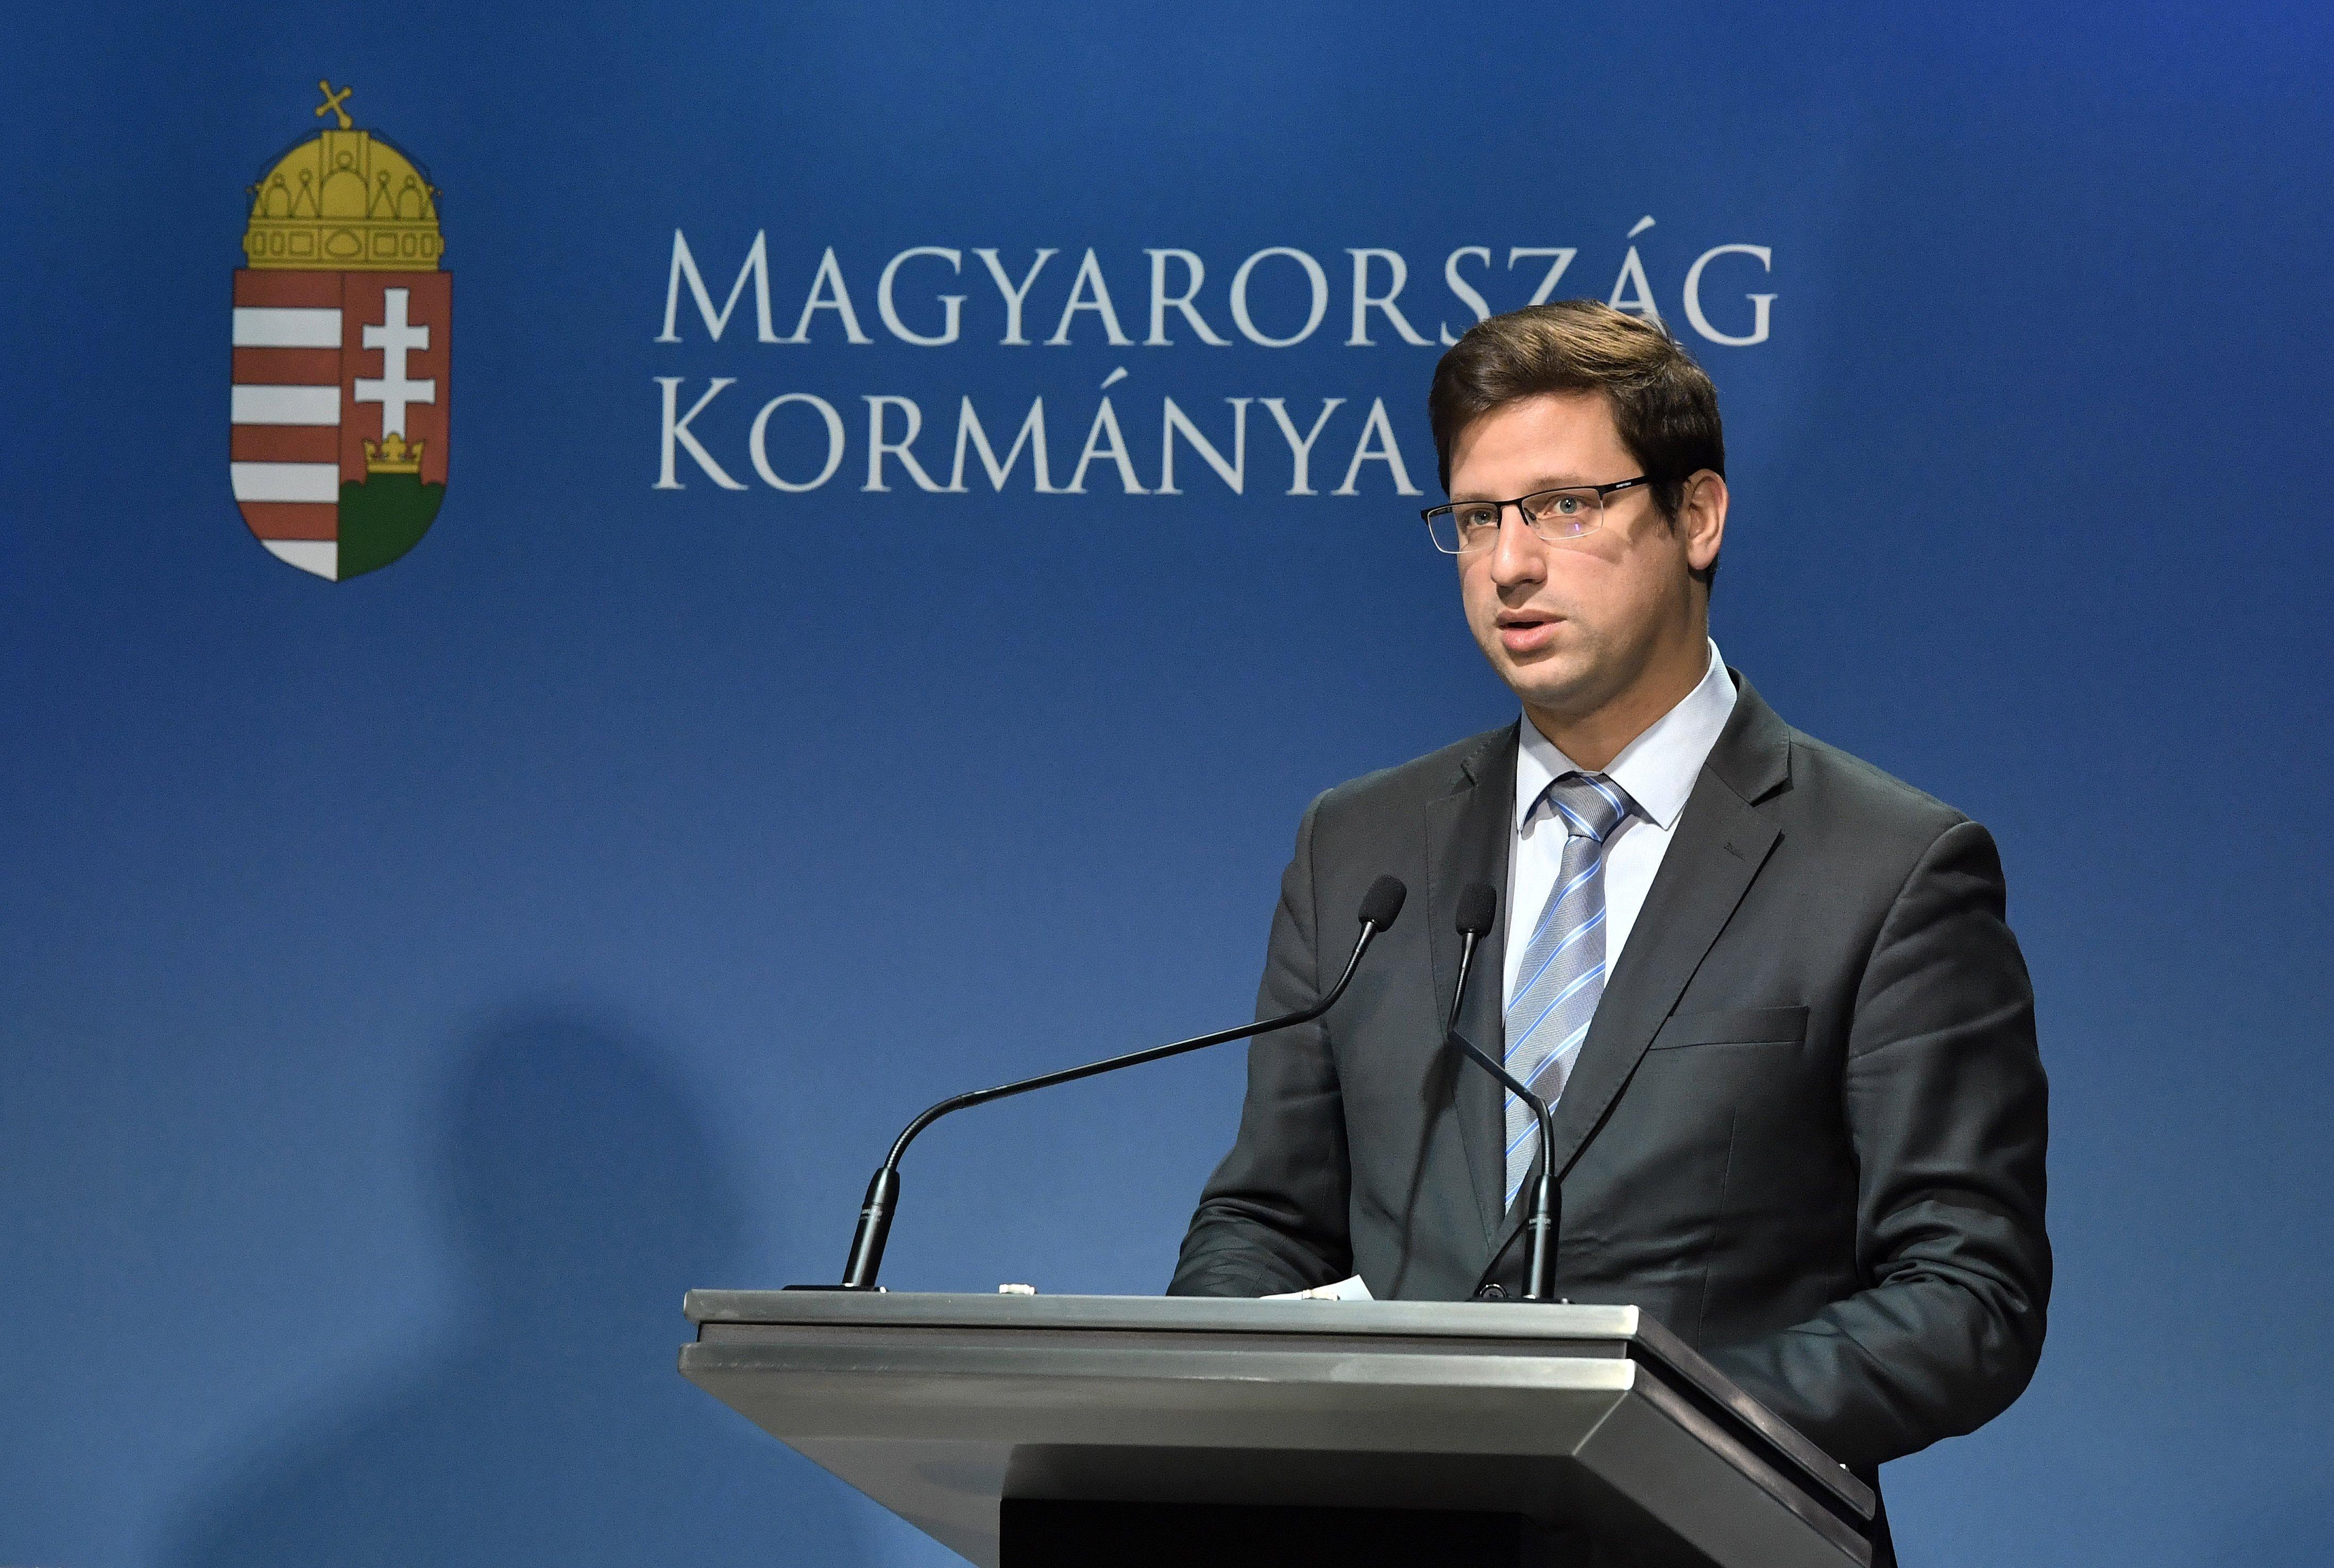 Gulyás Gergelyt megkérdezték, ki adott felhatalmazást a Gruevszkit furikázó diplomatáknak, de nem volt hajlandó mondani semmit